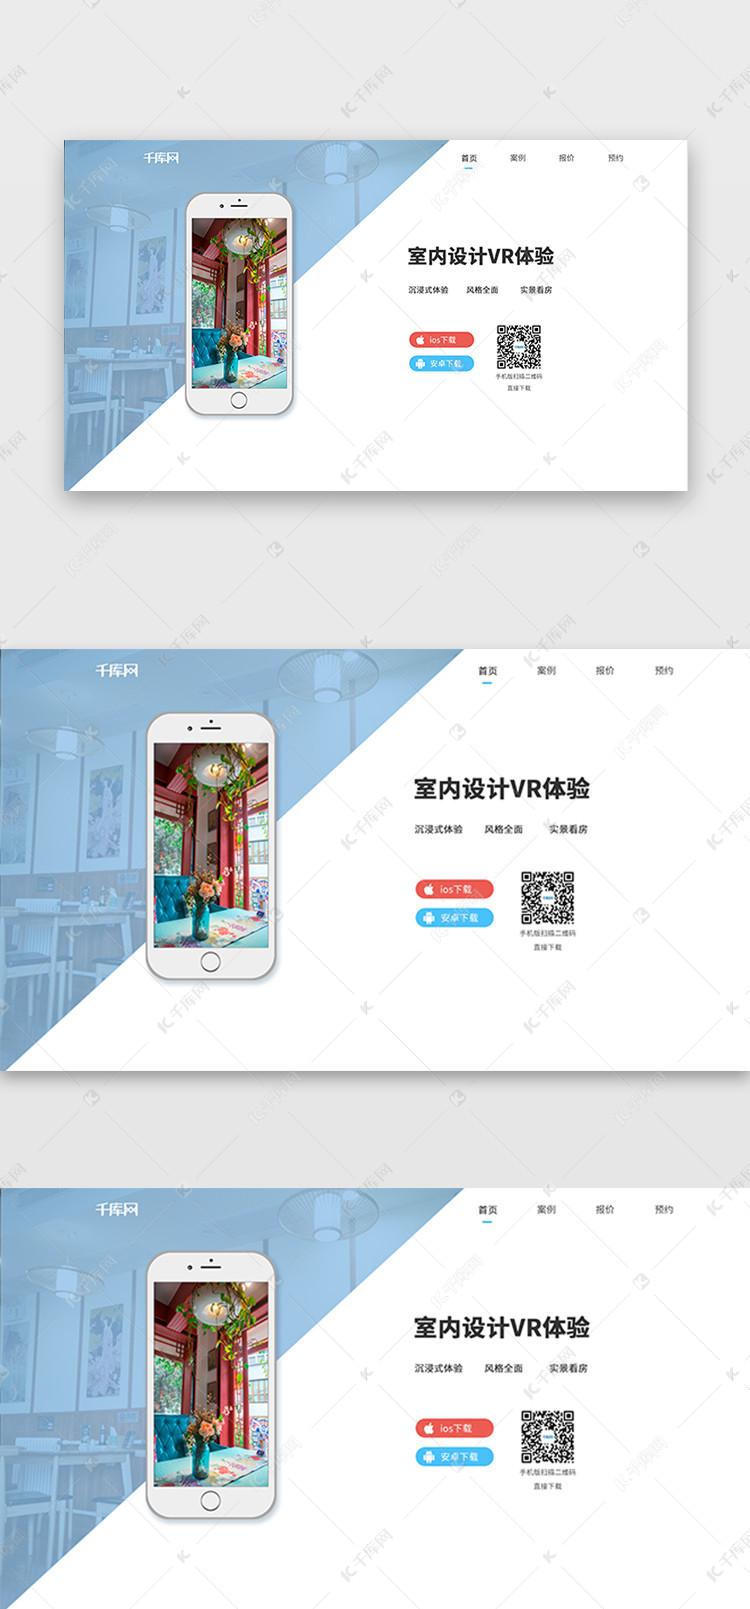 蓝色小a蓝色经典软件下载页面ui界面设计素材网页社区服务v蓝色图片